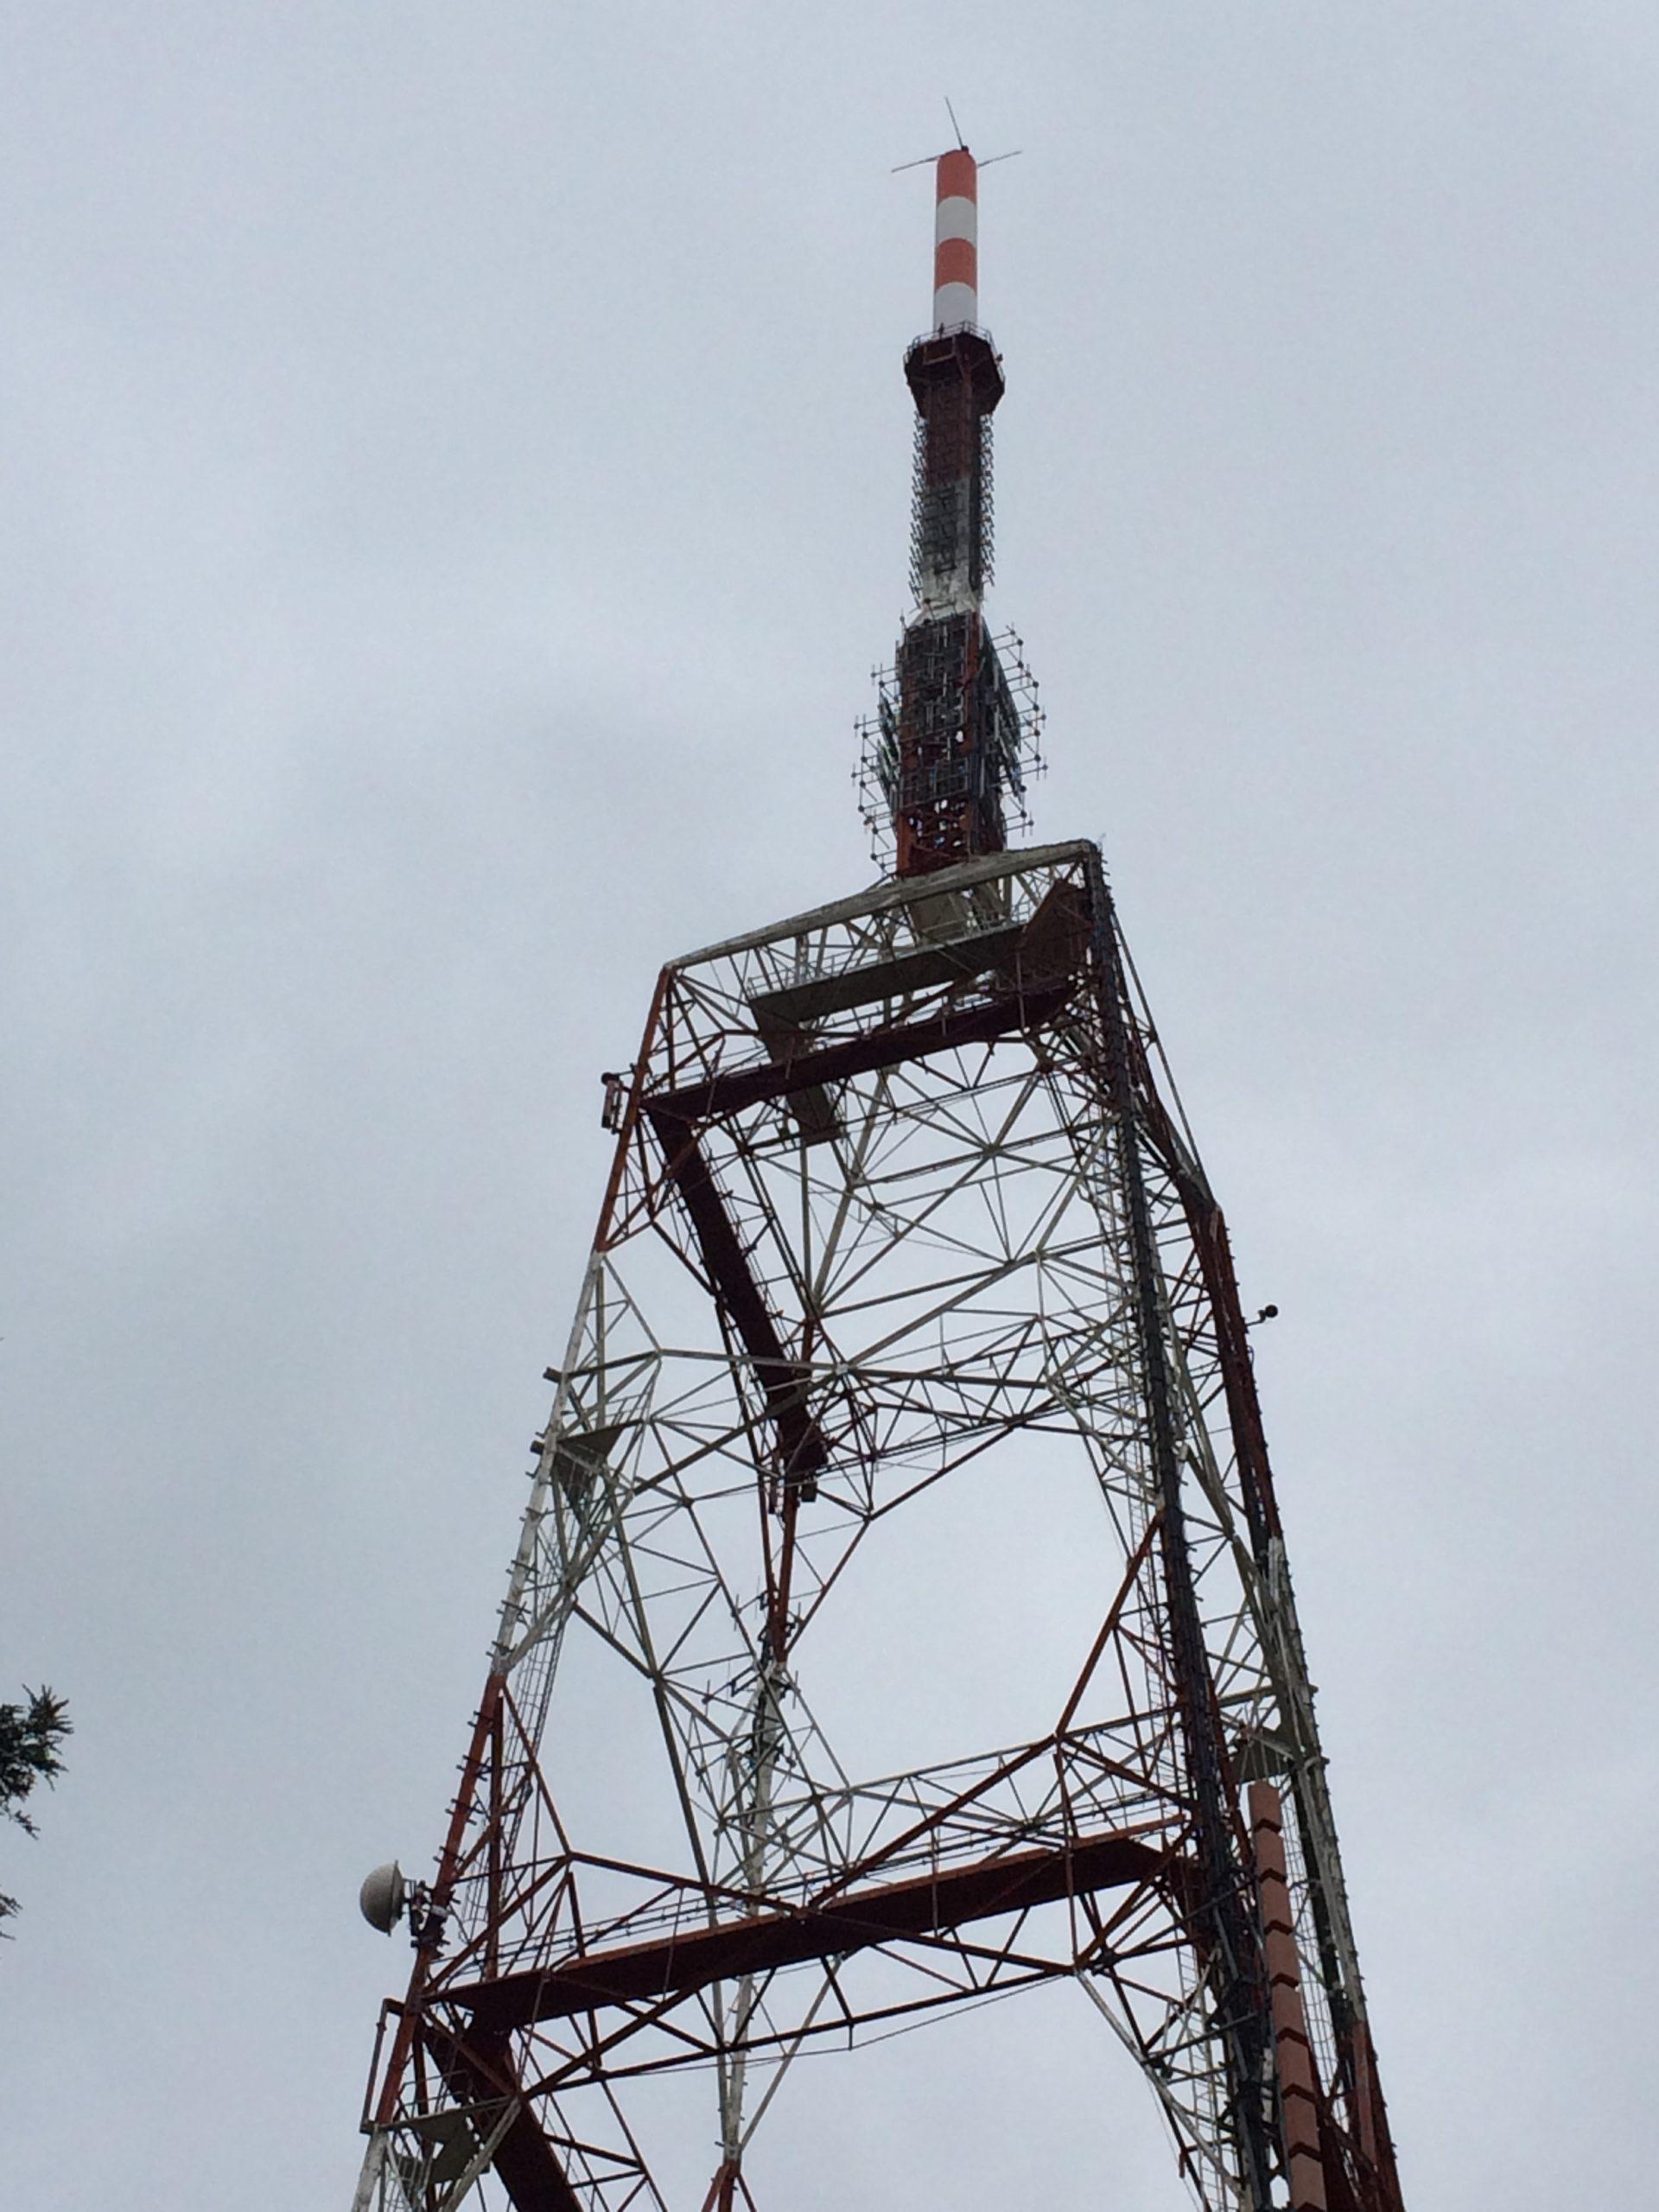 New FM antenna system at Martina Franca station, Martina Franca, Italy